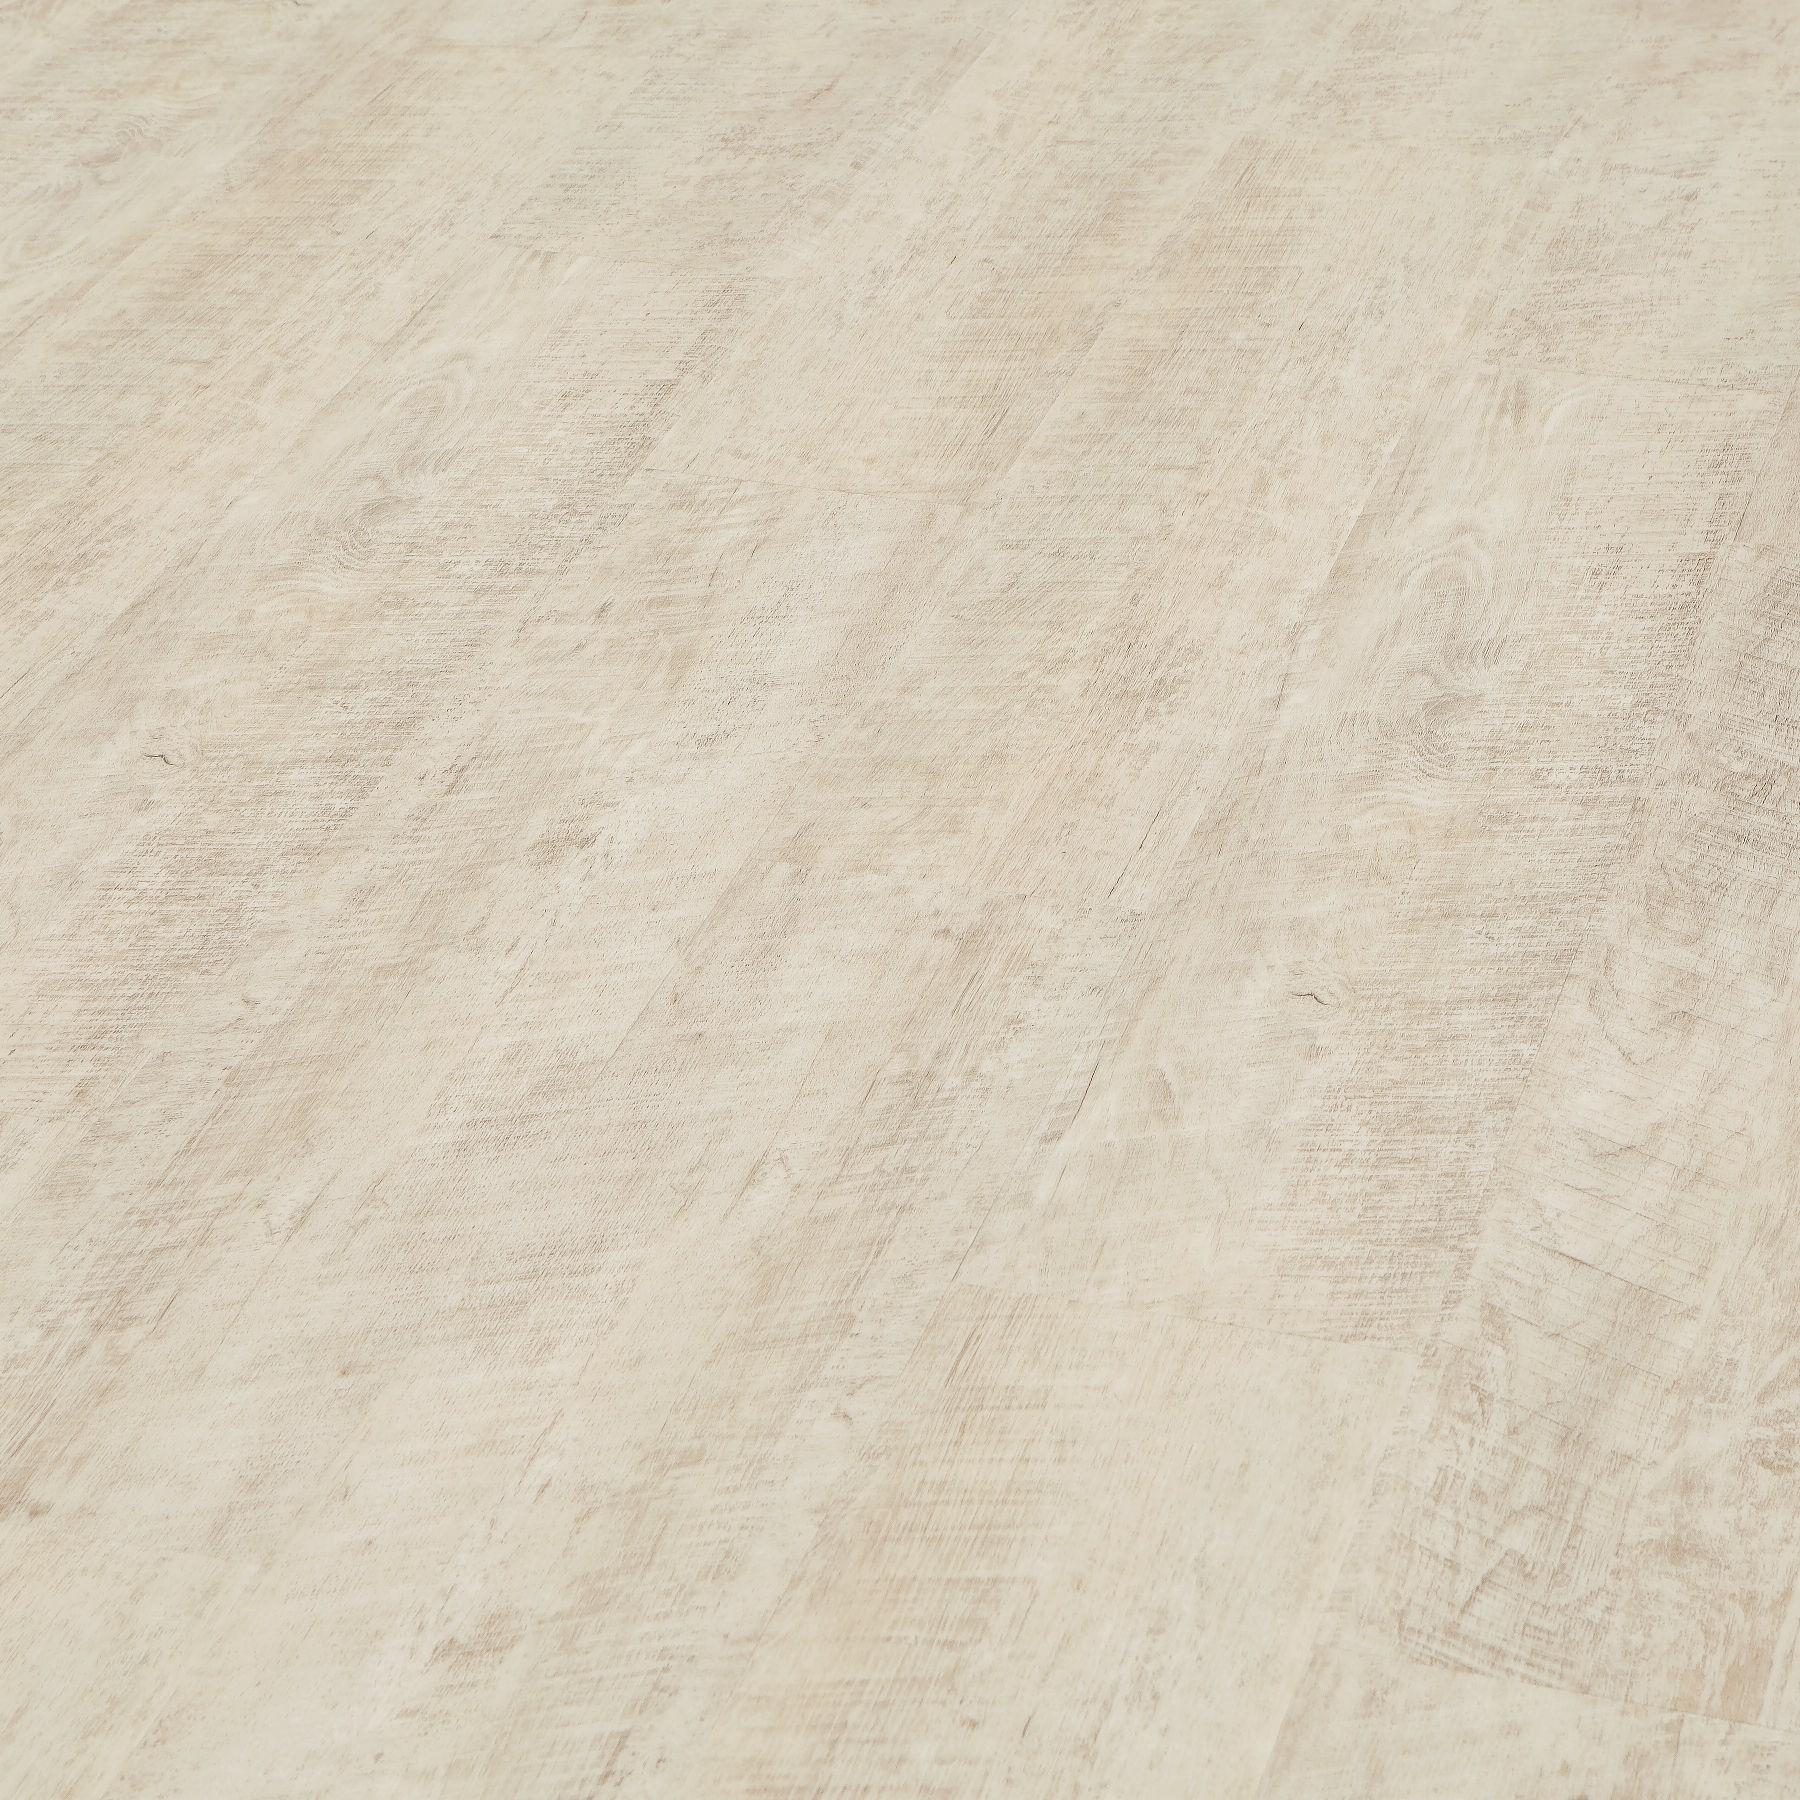 Vinylová podlaha Adramaq, dekor White loft